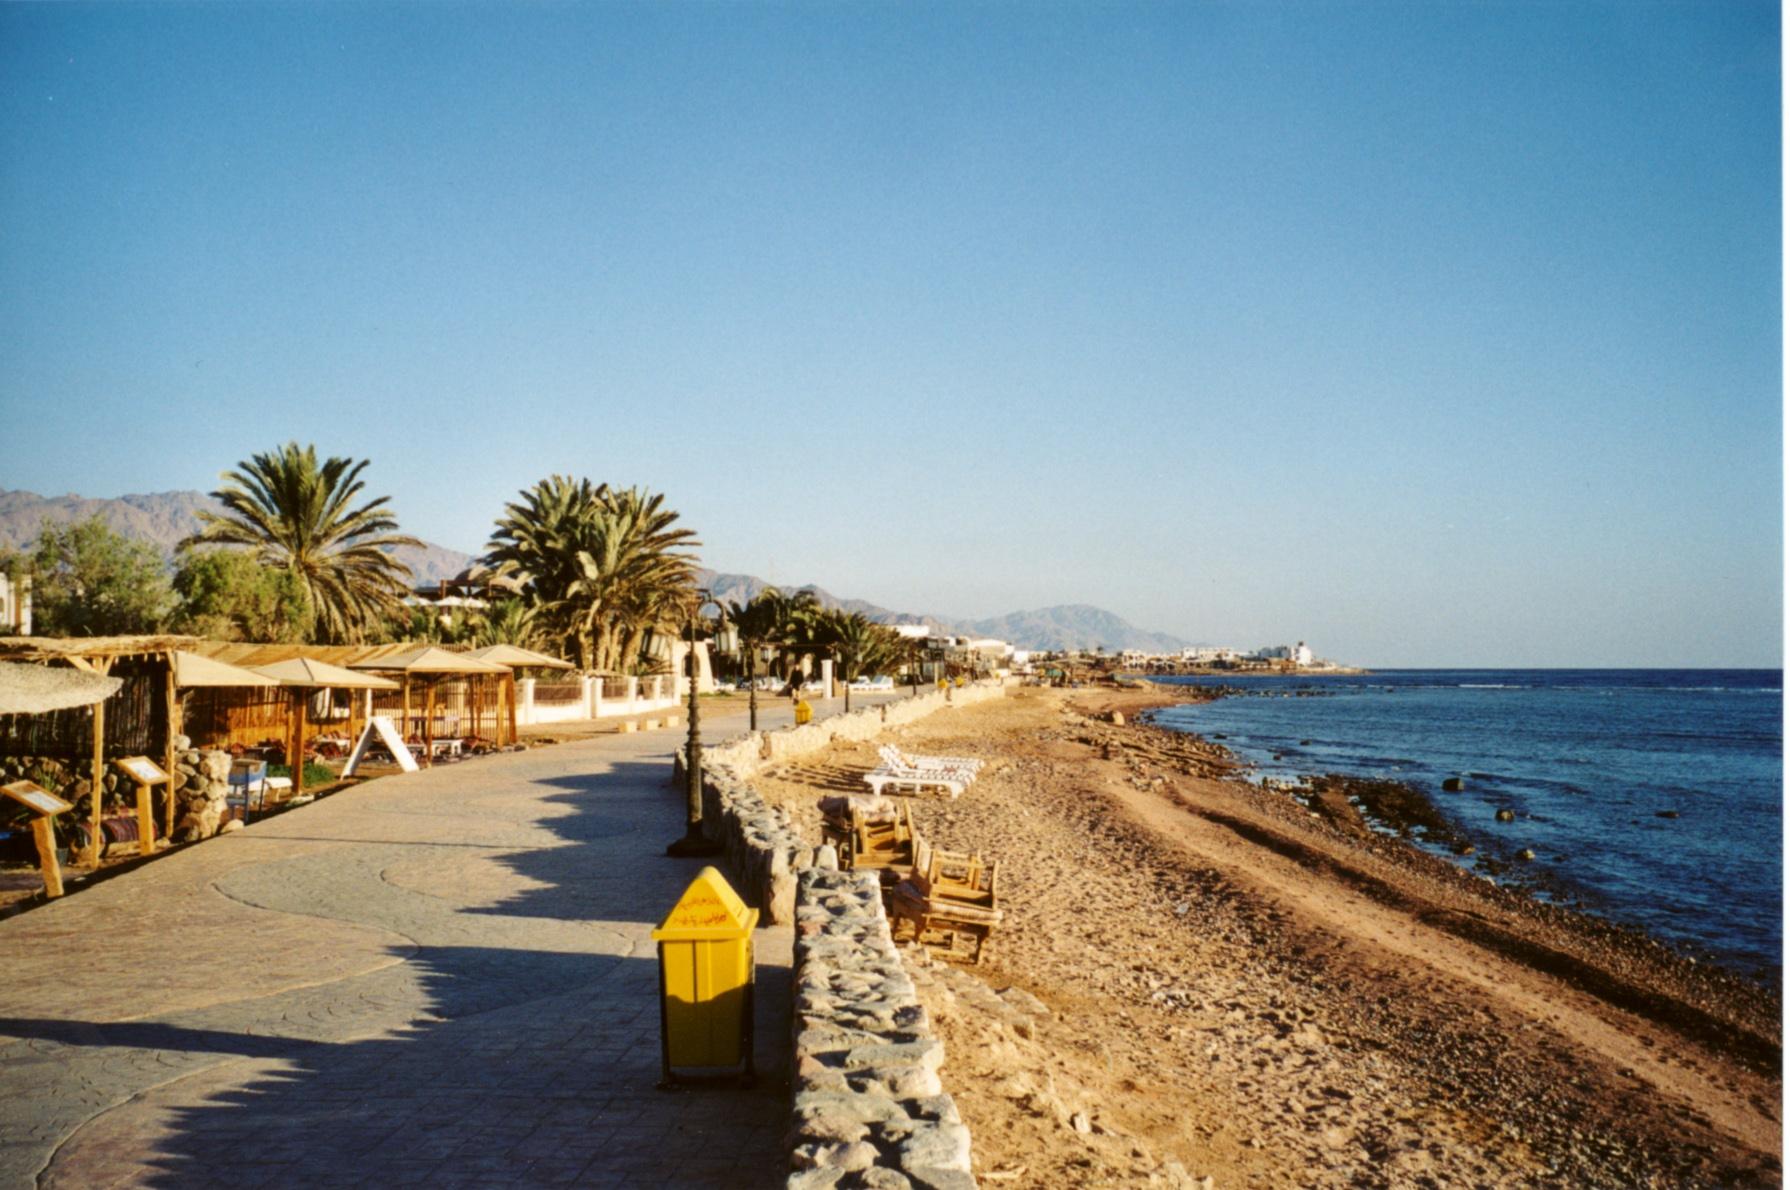 Sinai Beach Resorts